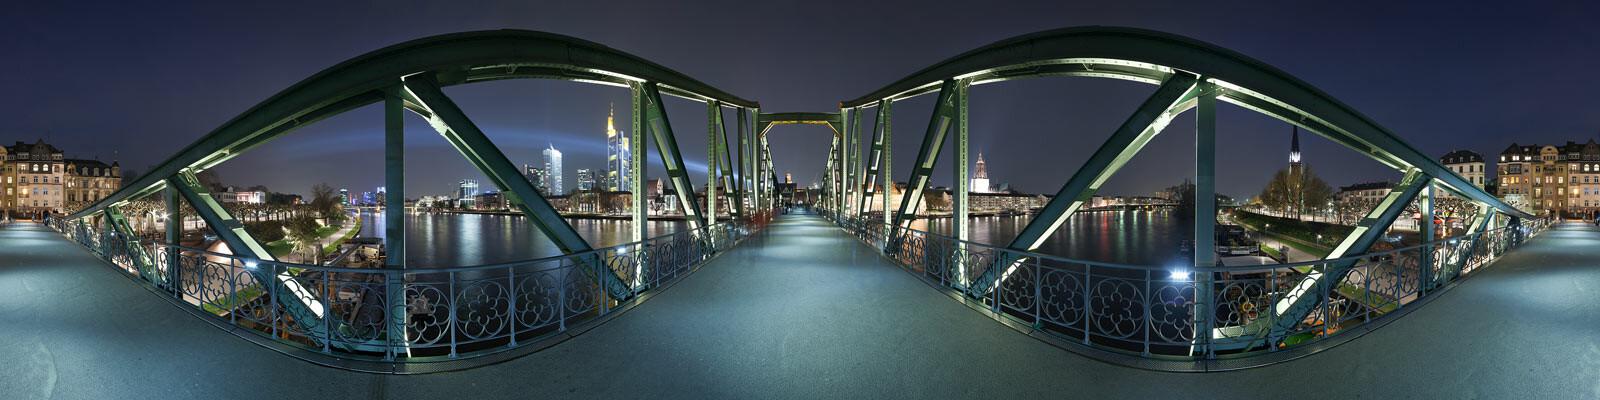 Frankfurt, Eiserner Steg - Josh Von Staudach